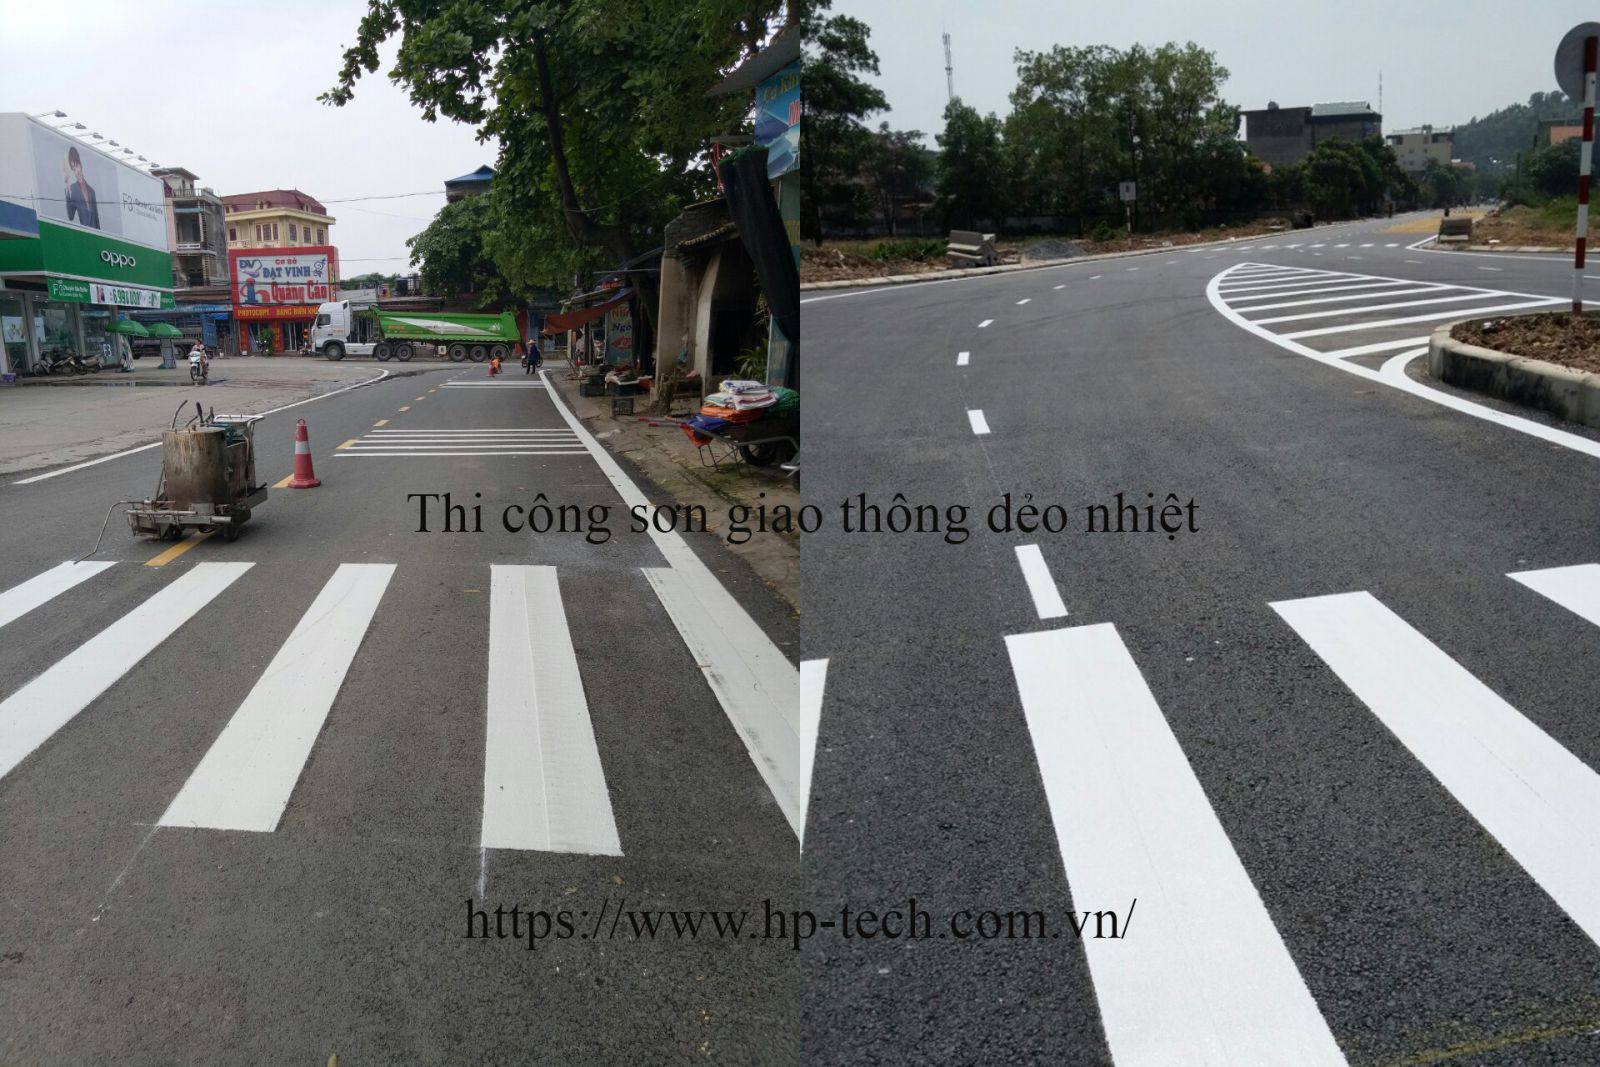 Sơn kẻ đường, sơn giao thông